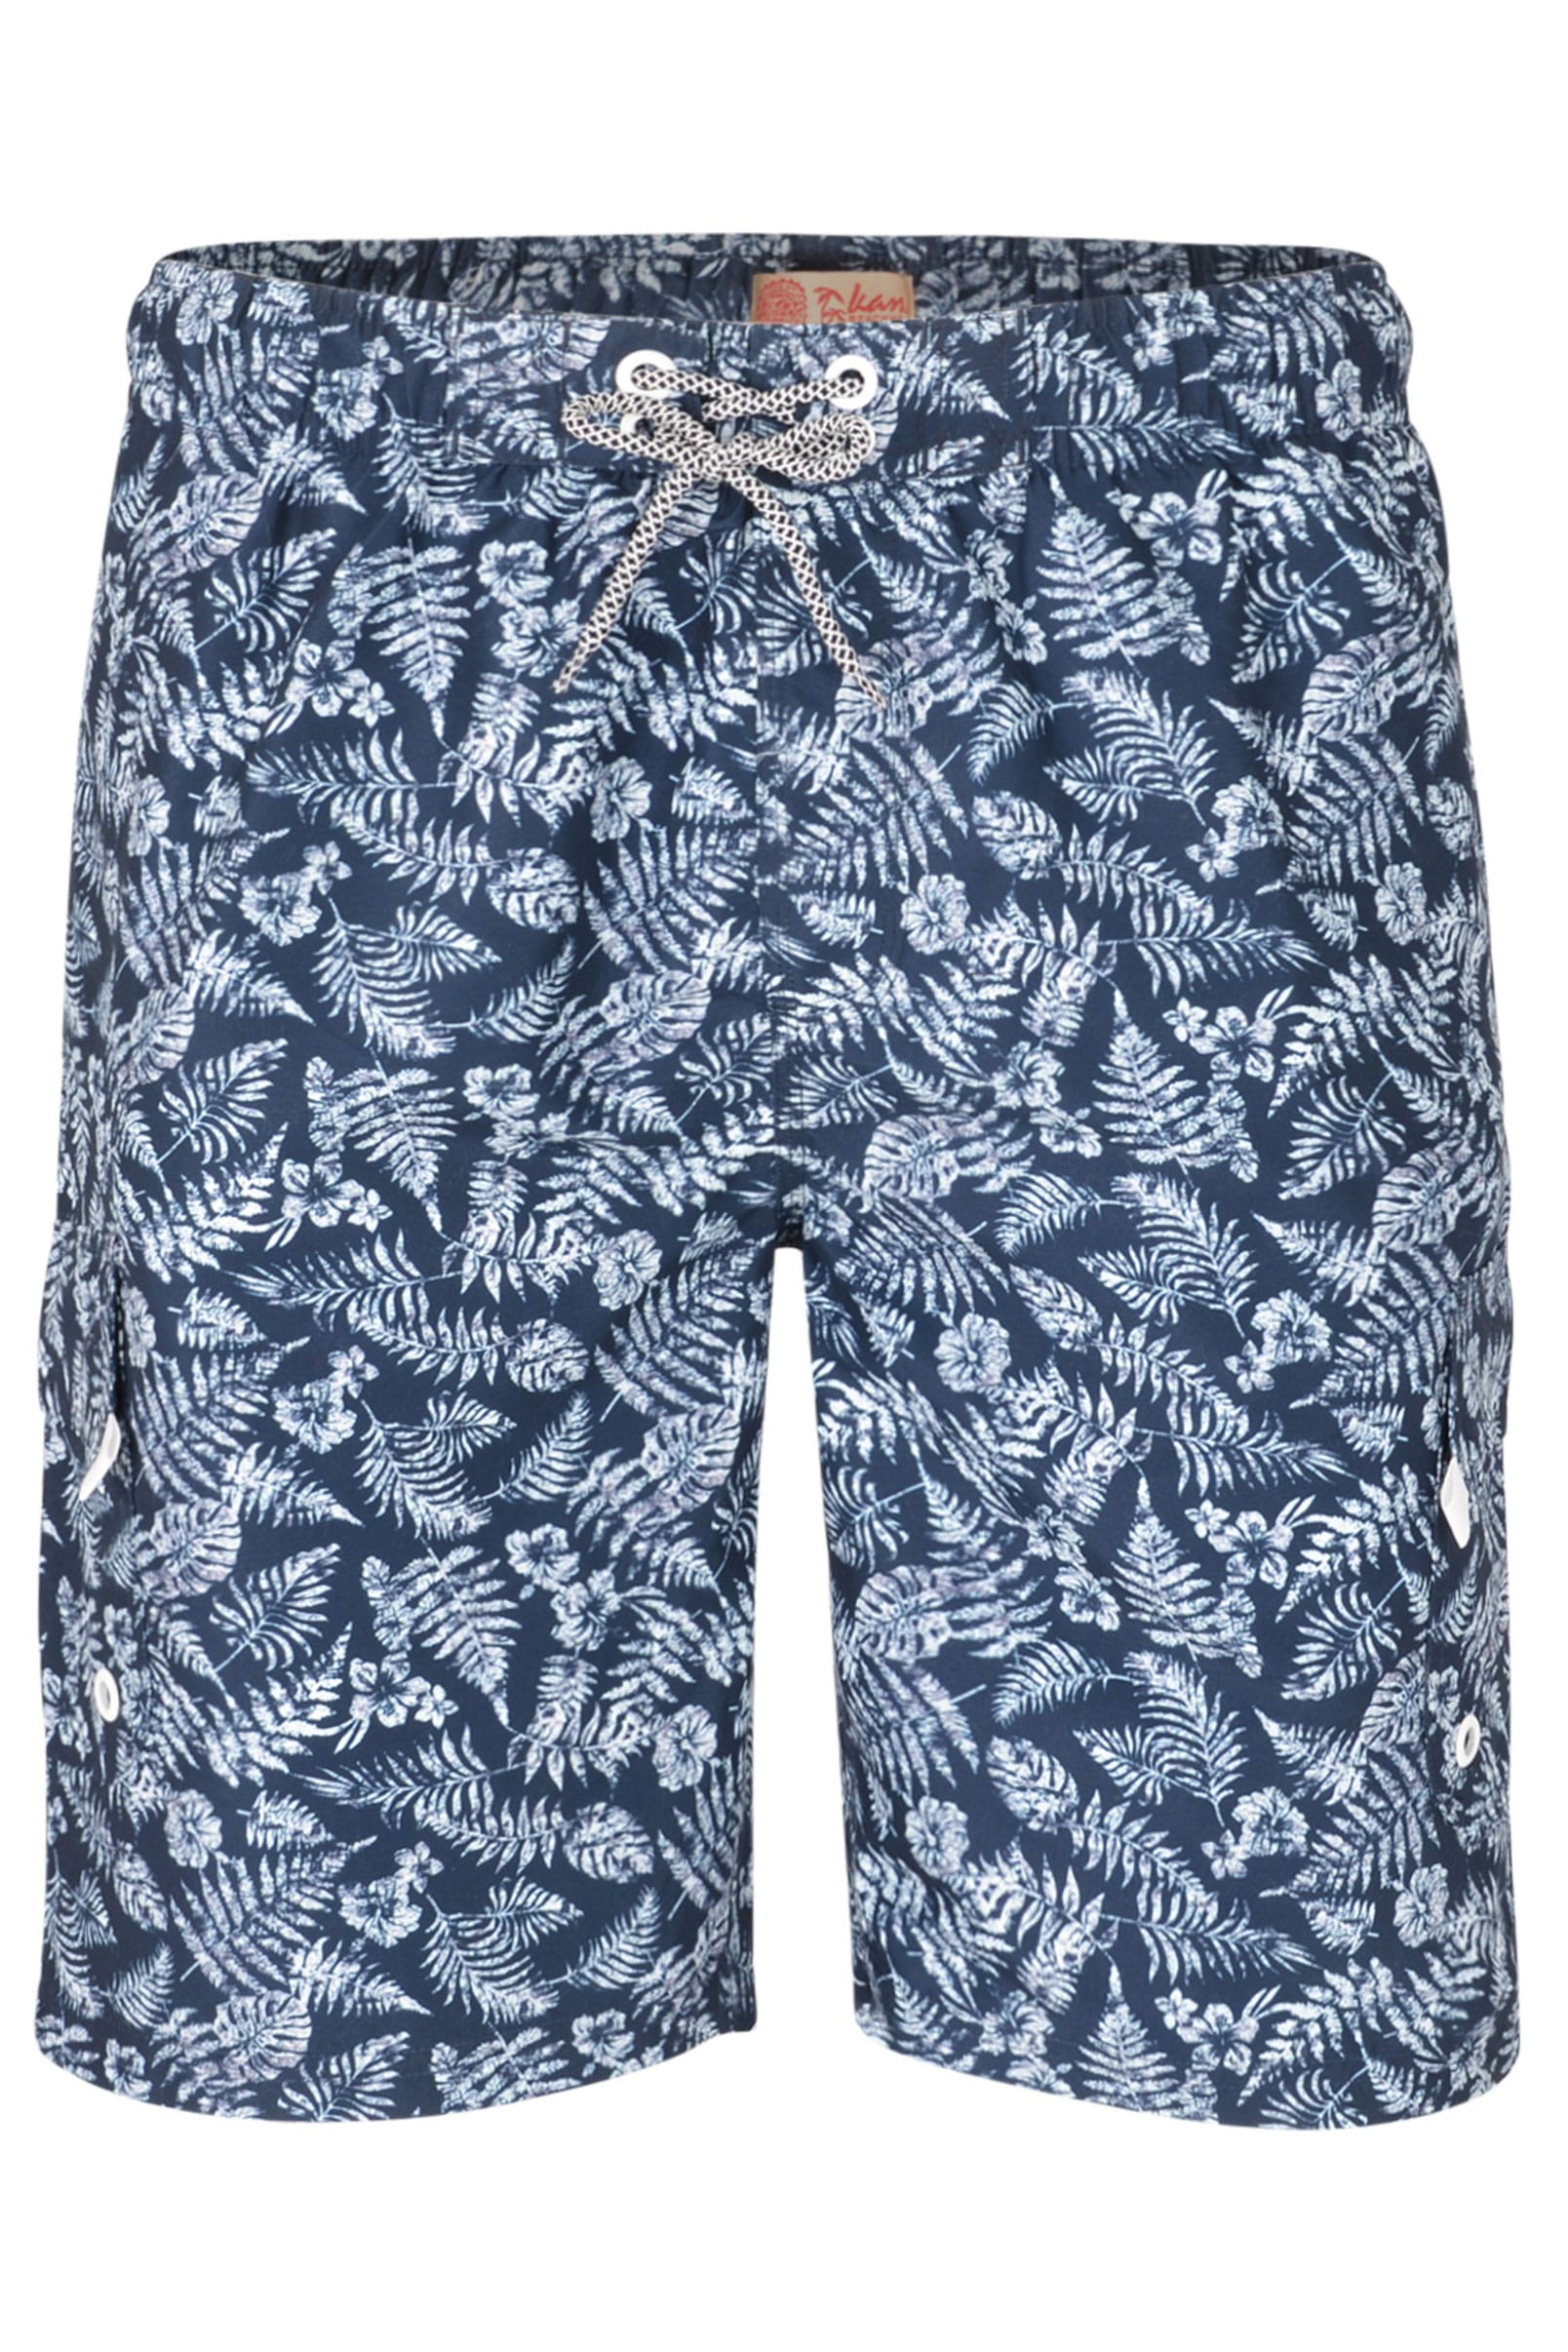 KAM Navy Leaf Print Swim Shorts